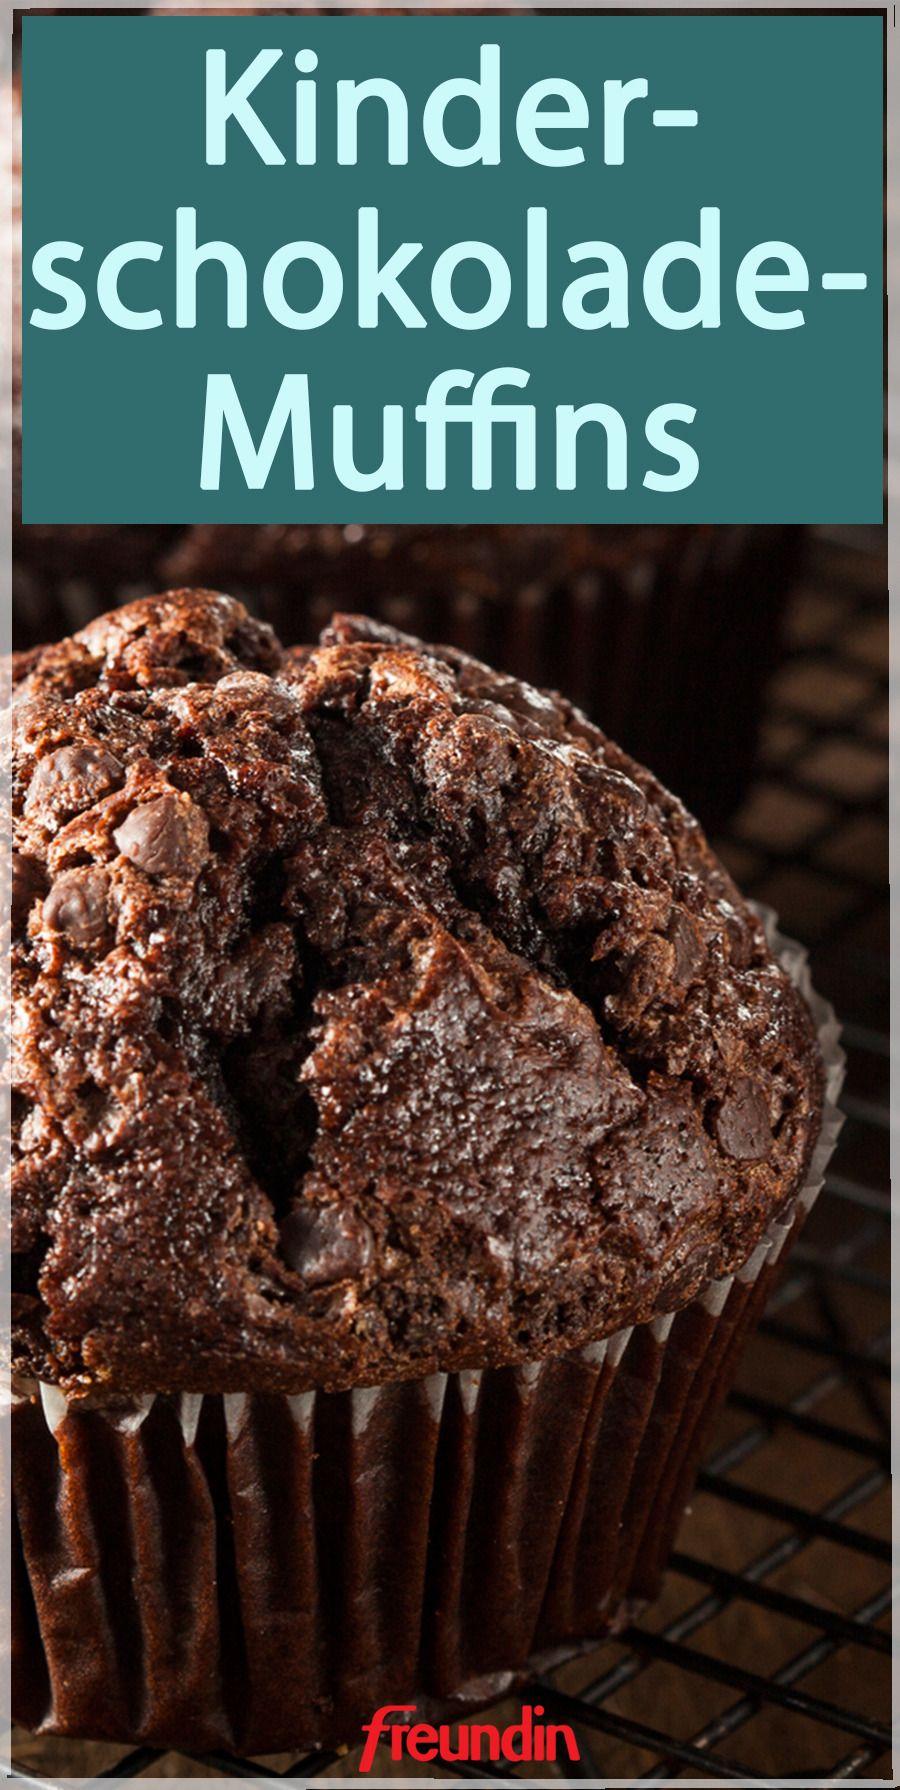 Kinderschokolade-Muffins | freundin.de